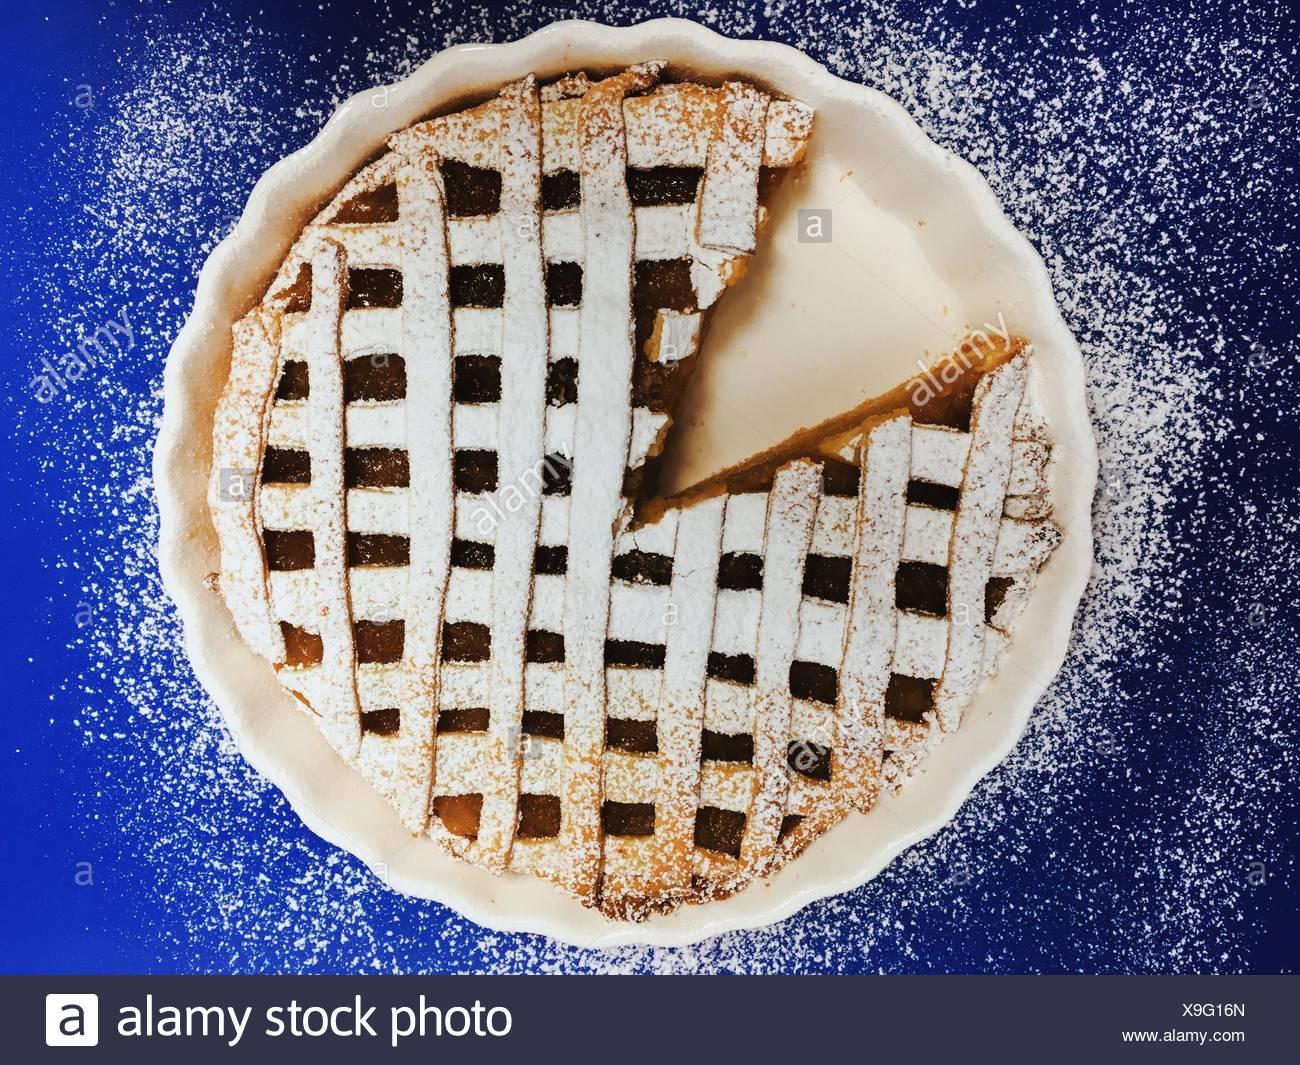 Primer plano de pastel dulce con un corte extraído Imagen De Stock